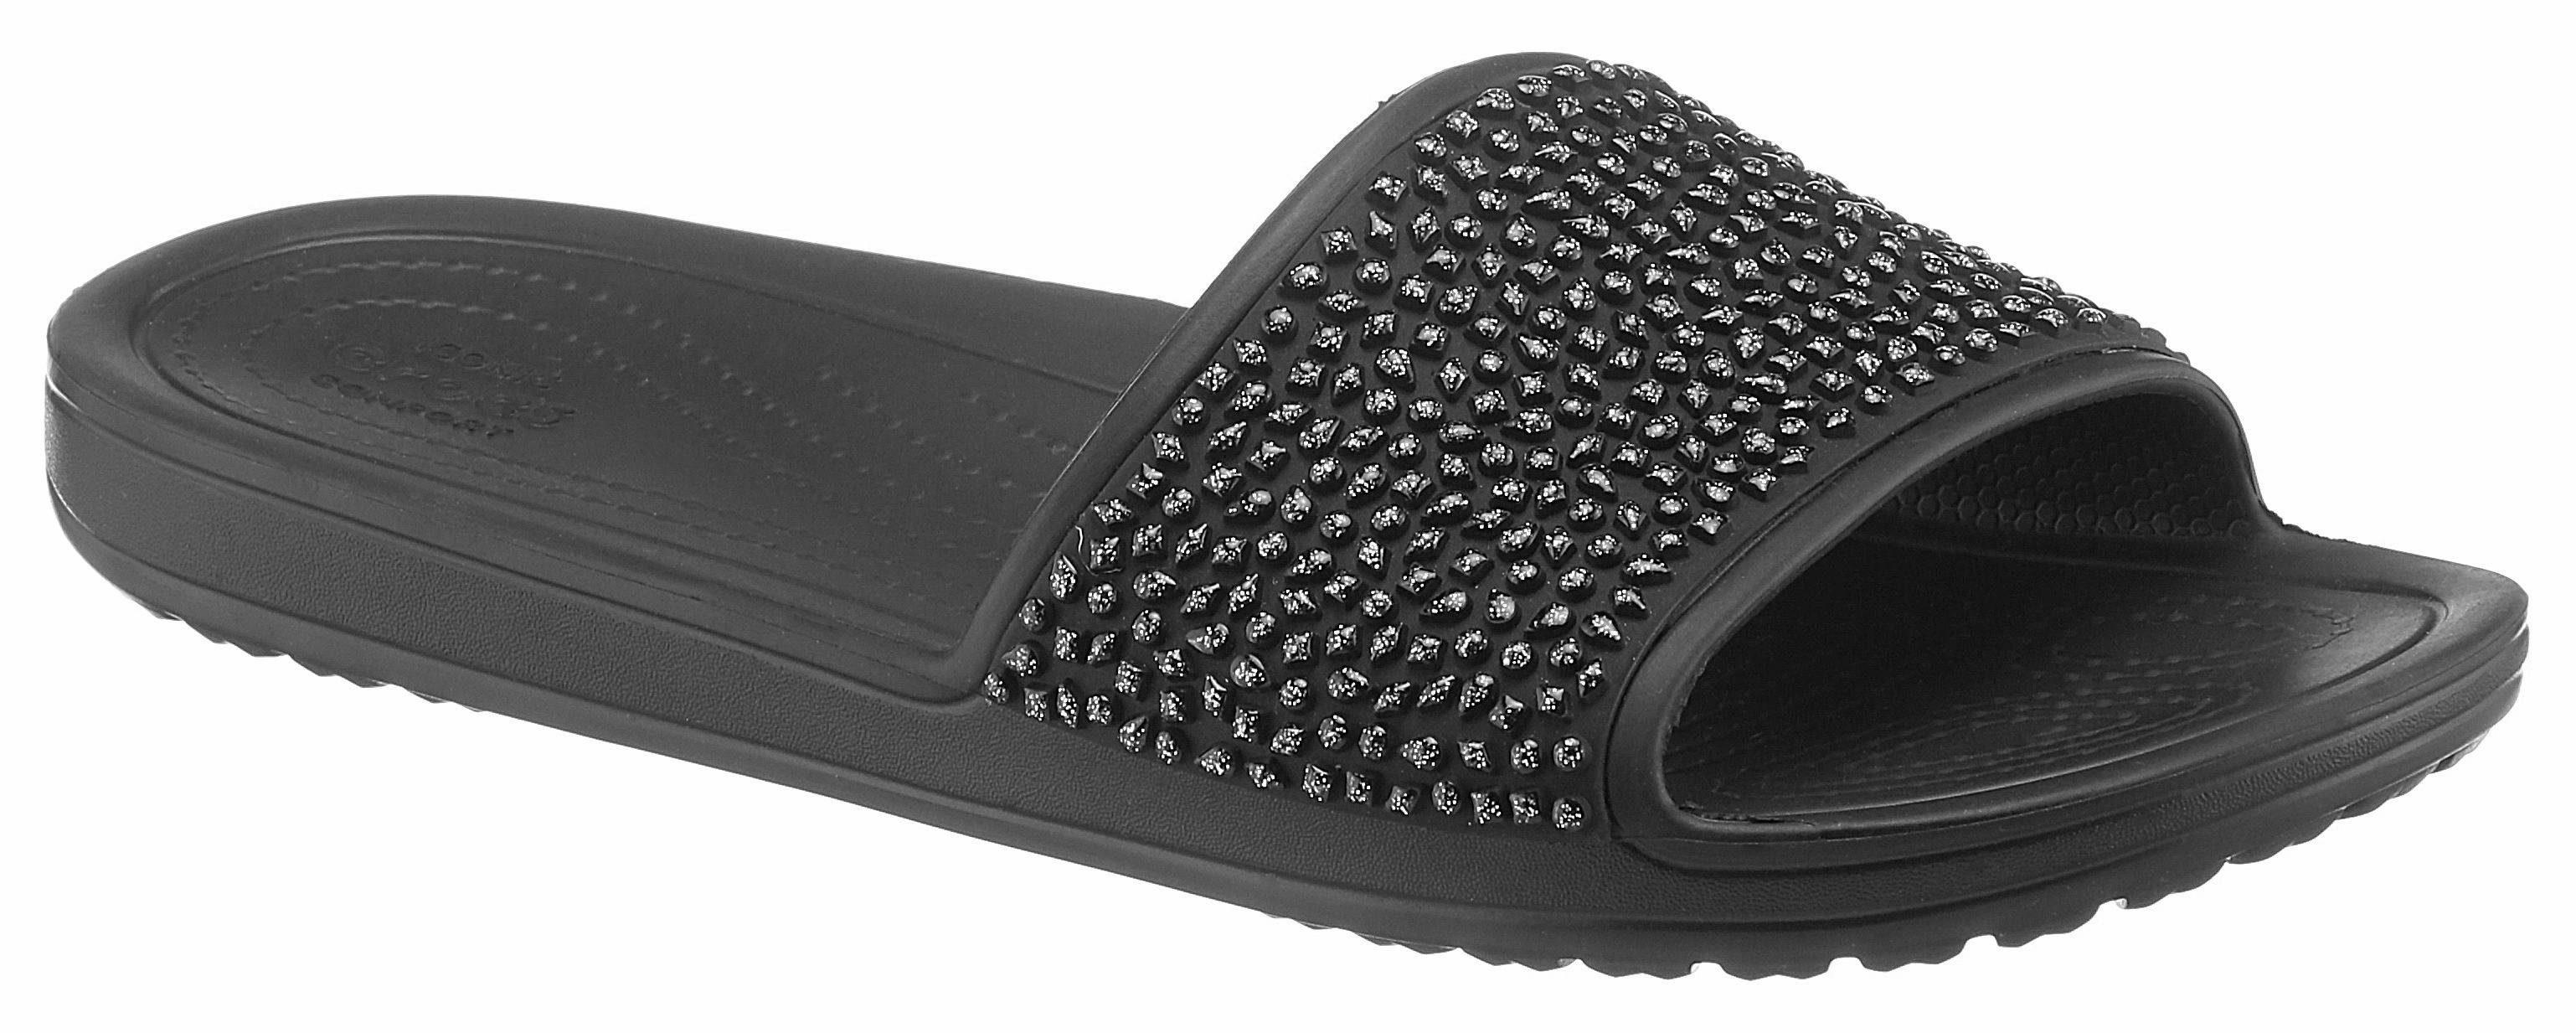 Crocs Crocs Sloane Embellished Slide Pantolette, mit modischen Schmucksteinchen online kaufen  schwarz